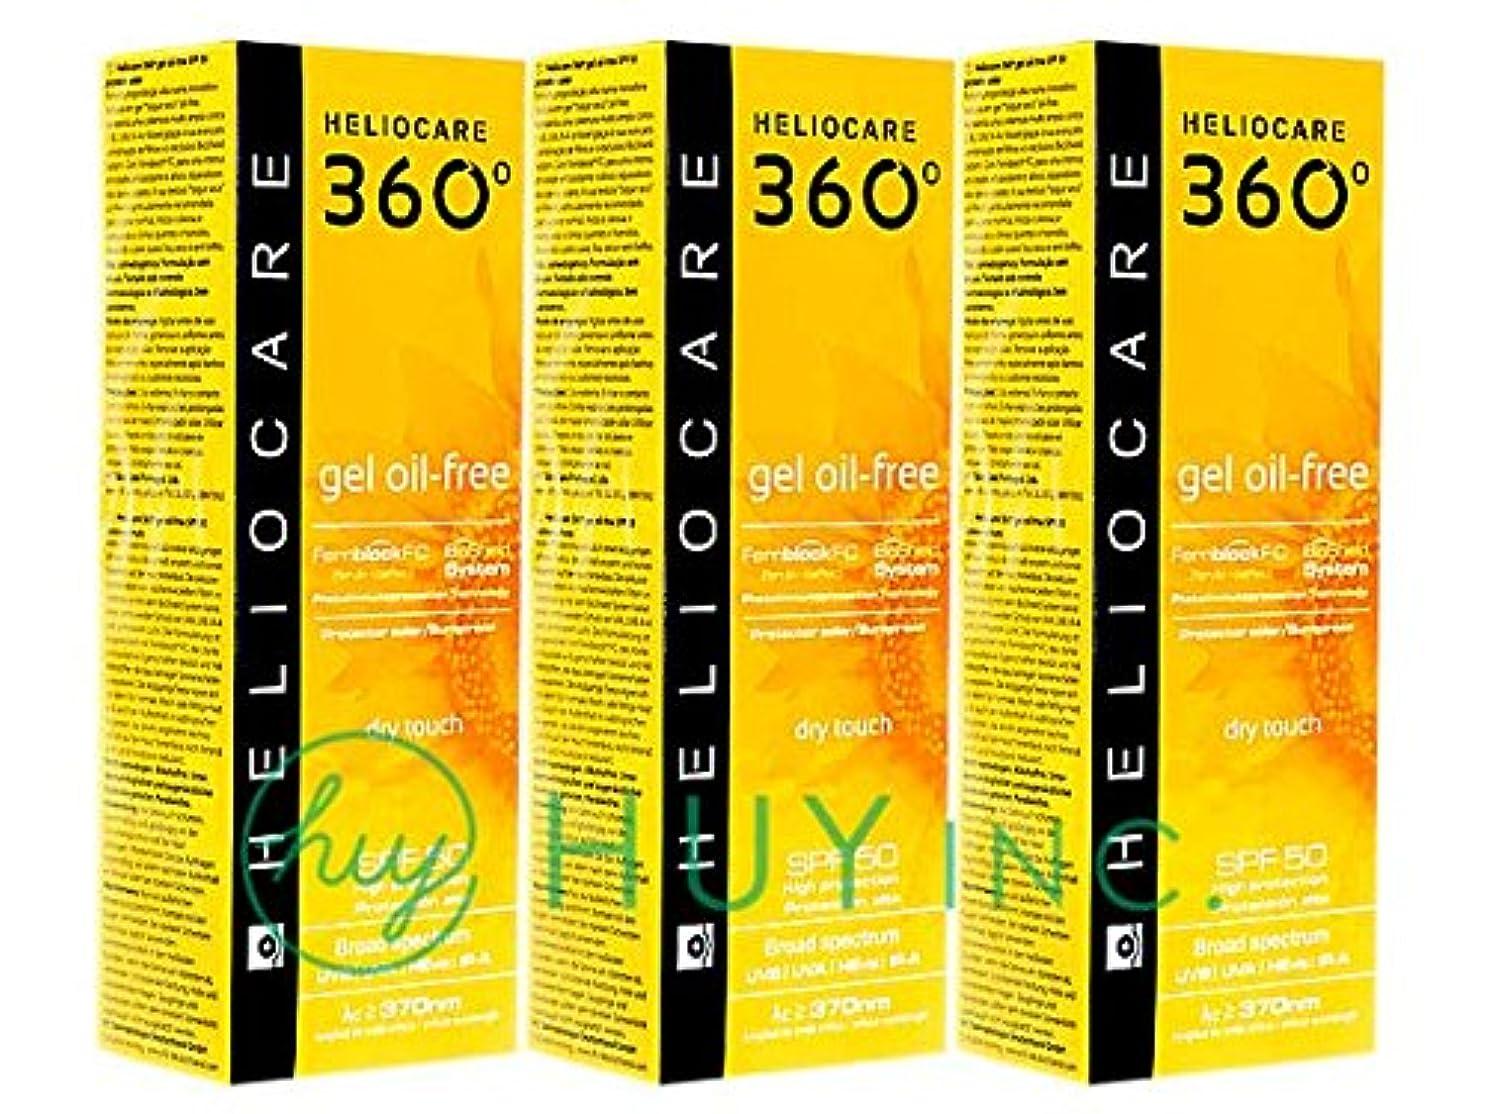 ブロー適用済み日没ヘリオケア 360°ジェルオイルフリー(Heliocare360GelOil-Free)SPF50 3ボトル(50ml×3) [並行輸入品]